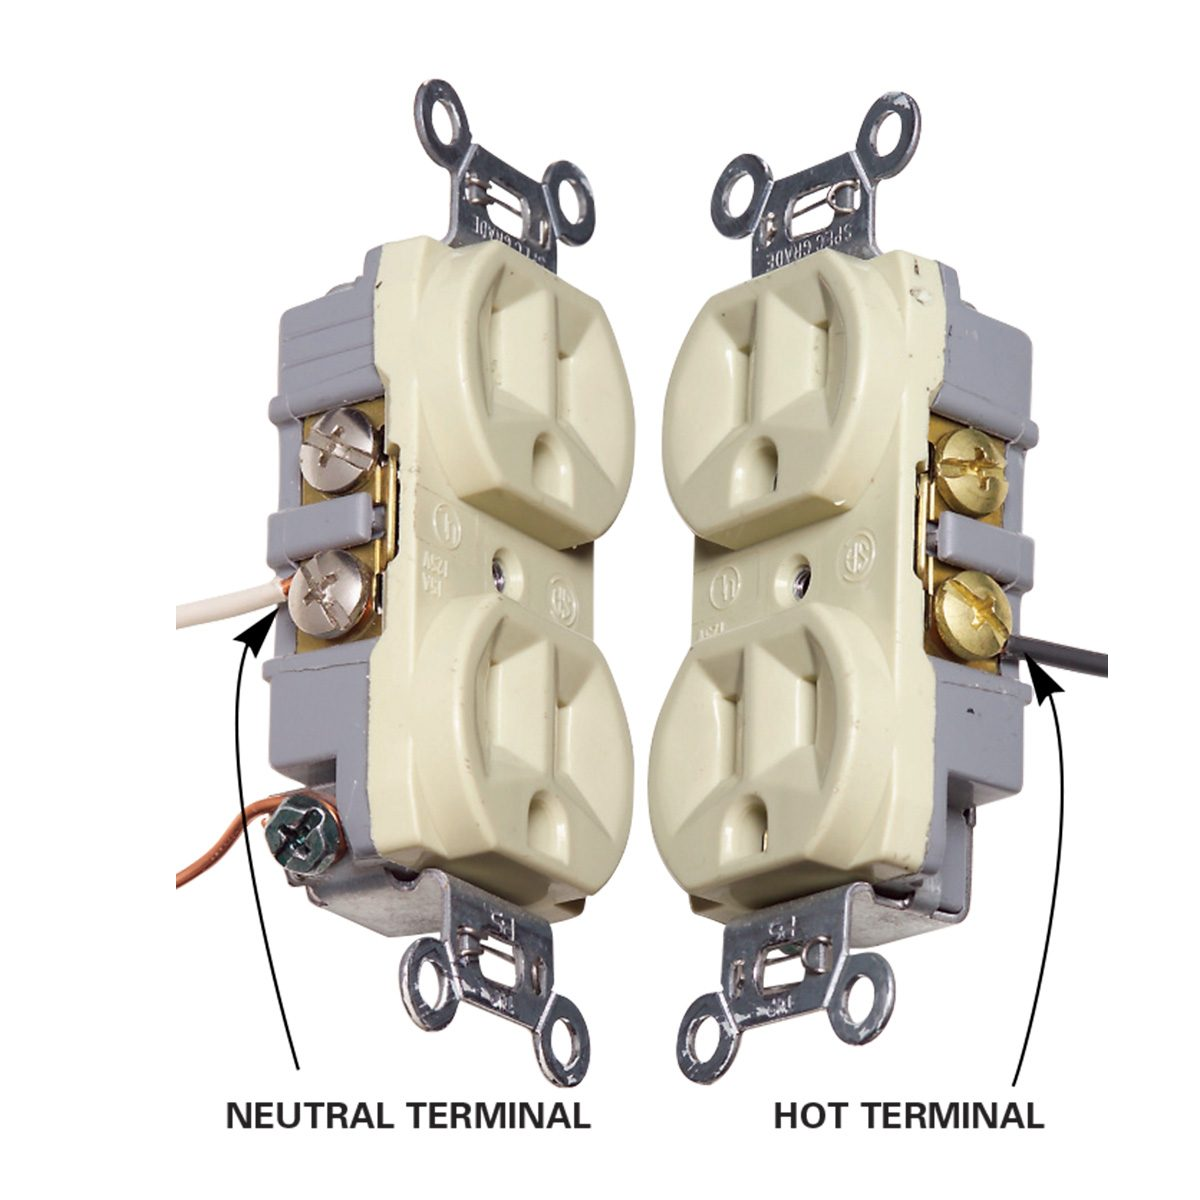 hot vs neutral terminals